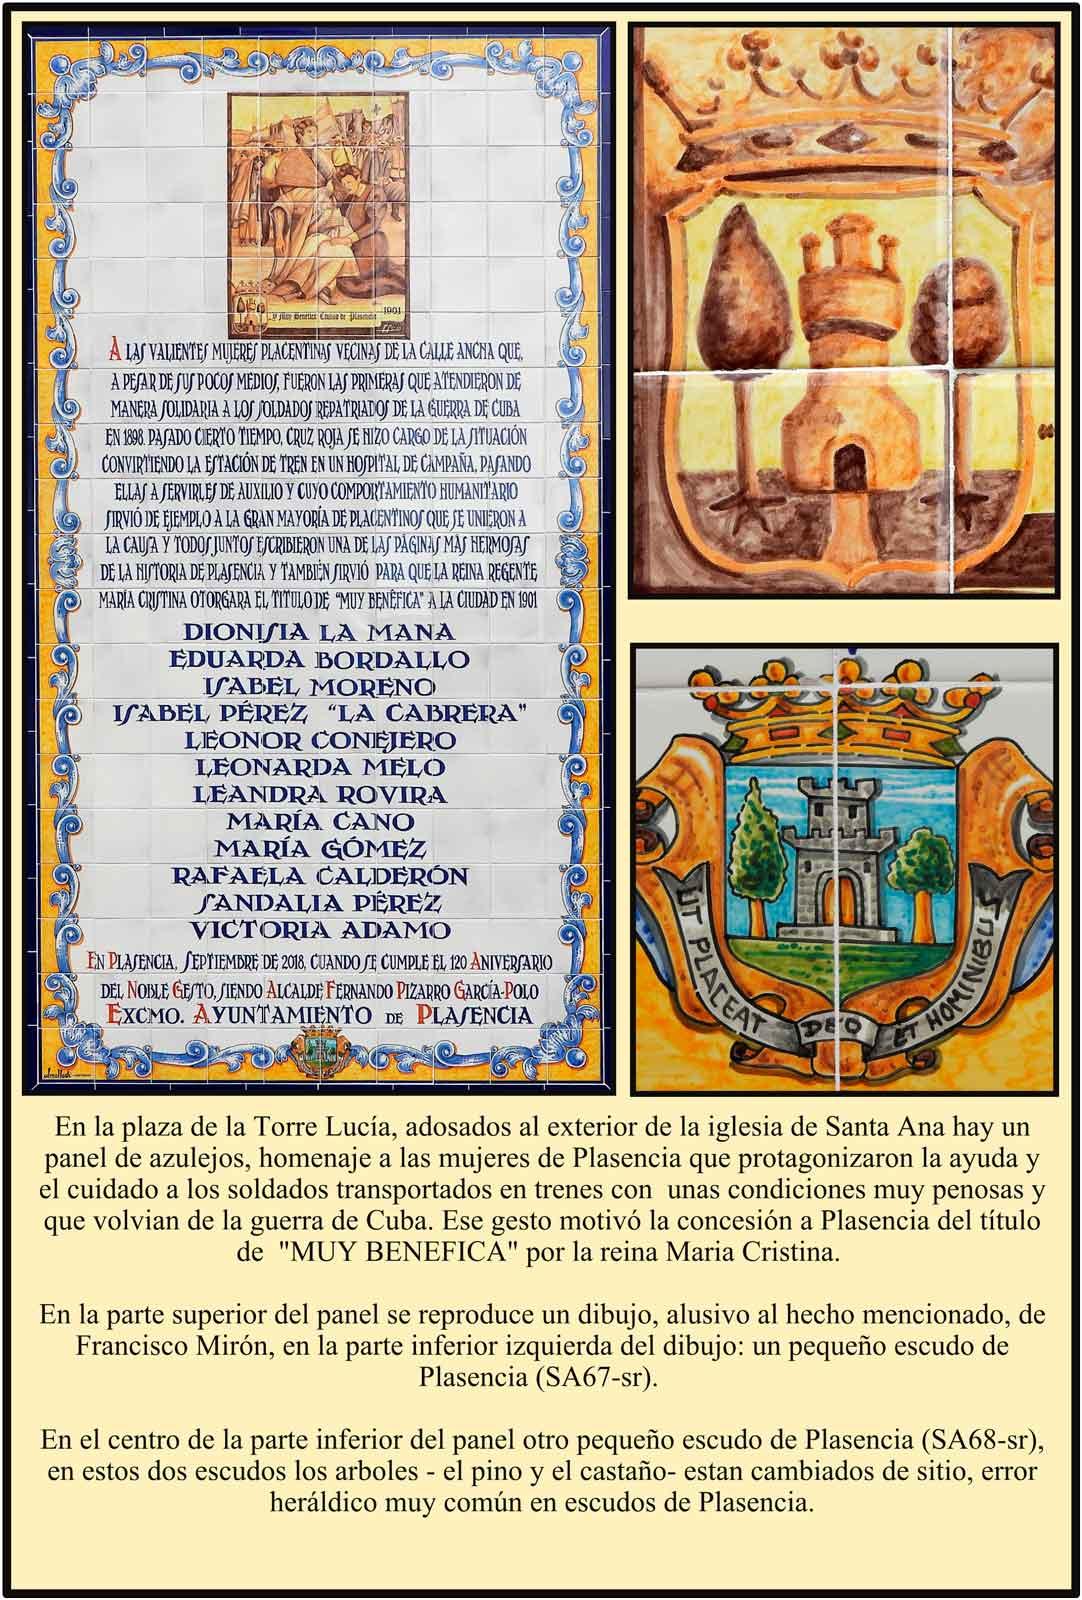 Plasencia con el titulo Muy Benefica en el convento de los Jesuitas